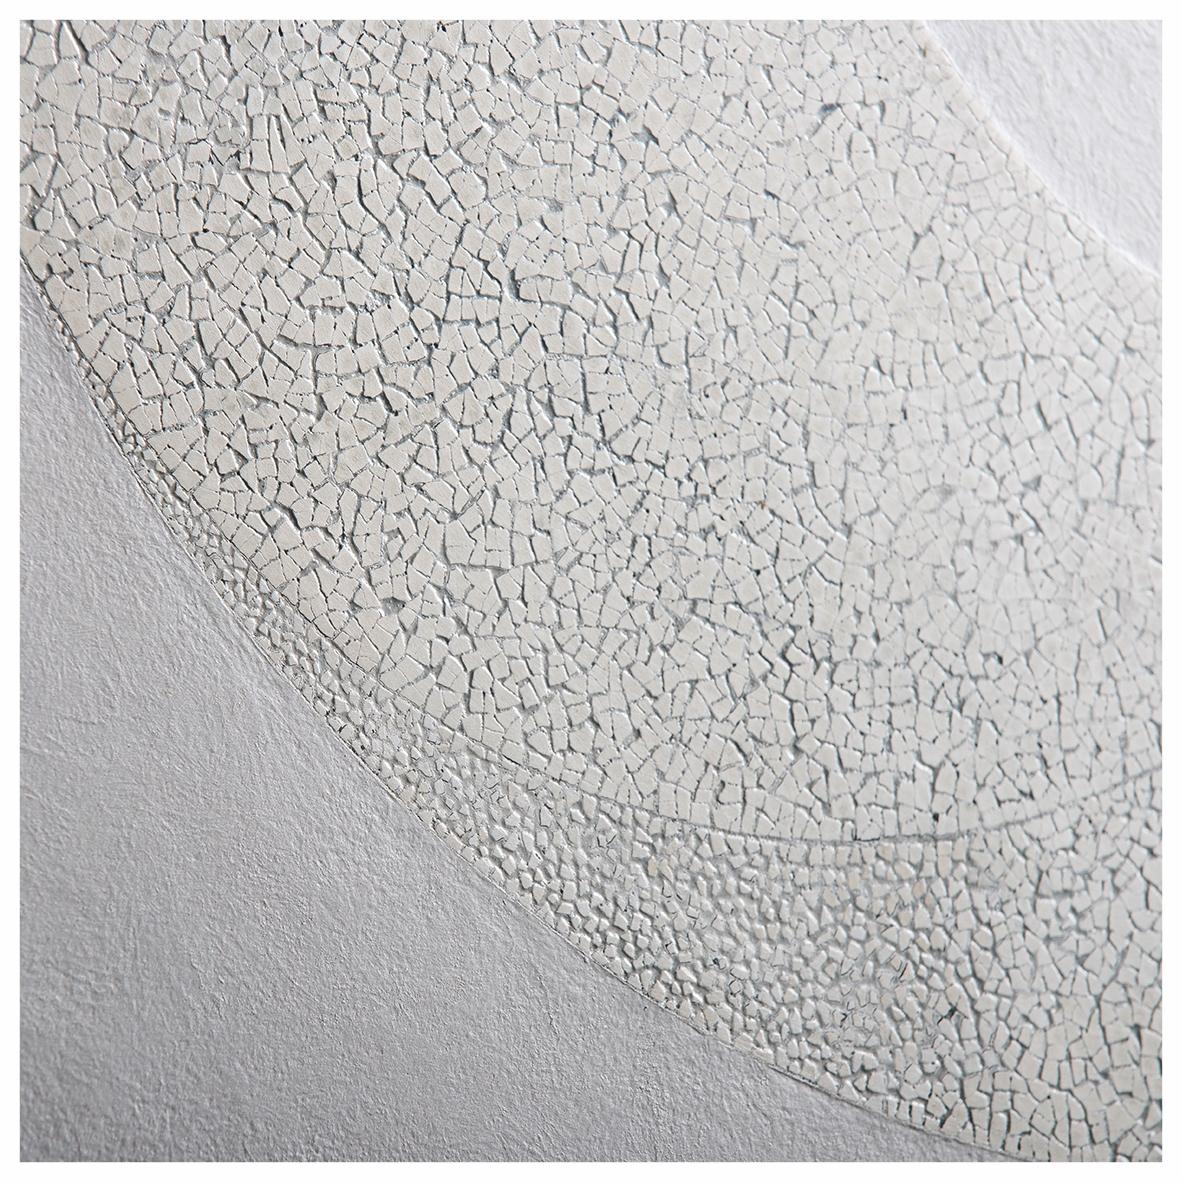 L'œil de la lune - Laque avec incrustation de coquilles d'œufs, finition cirée - Dimension : 60 x 90 cm